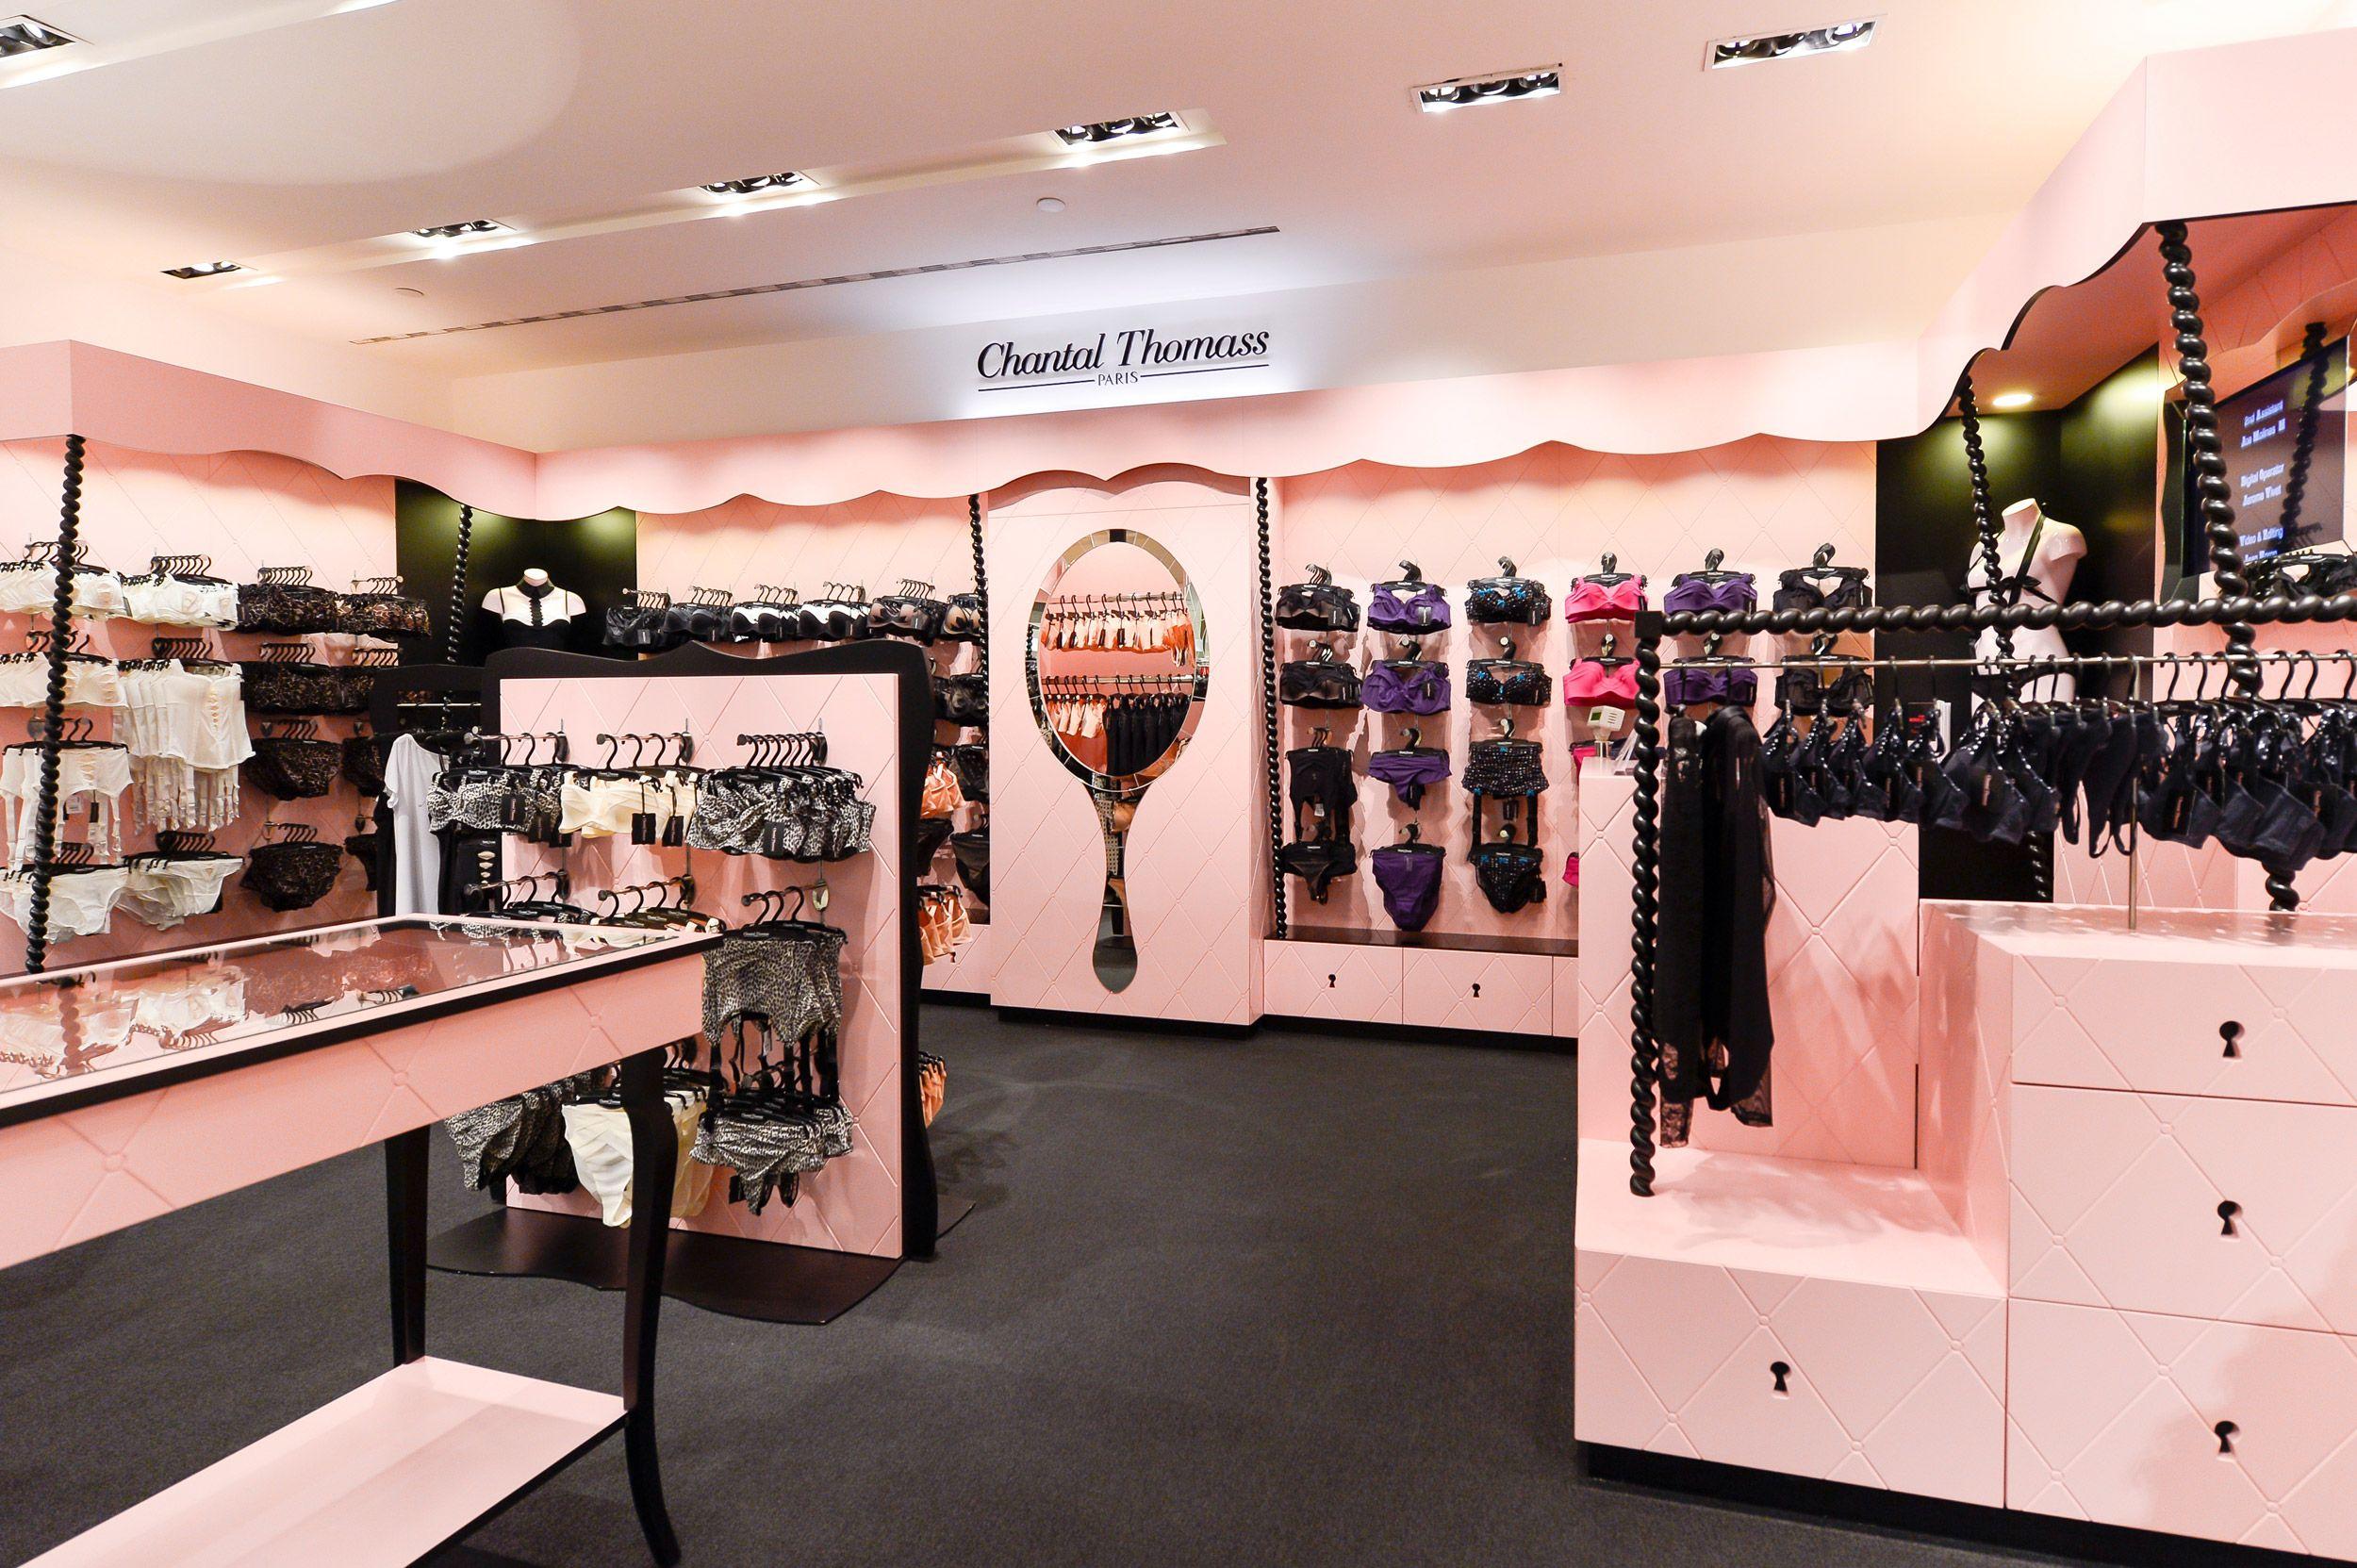 chantal thomass lova lova in 2019 retail store design store design boutique interior. Black Bedroom Furniture Sets. Home Design Ideas